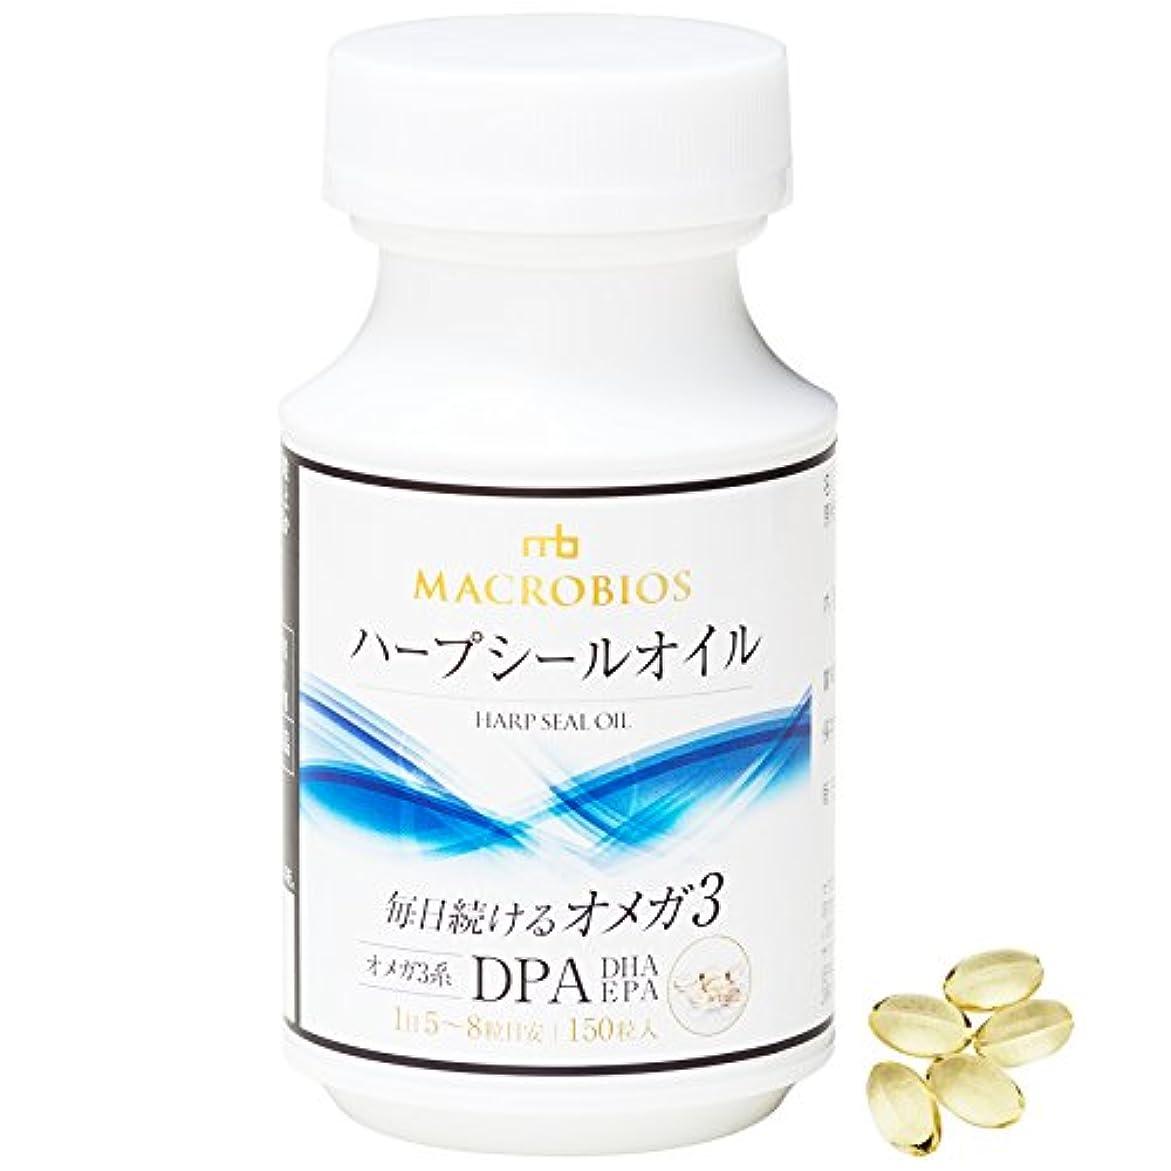 ビジョンサーカス同じハープシールオイル 150粒 (アザラシ油) DPA DHA EPA オメガ3 サプリメント (1個)